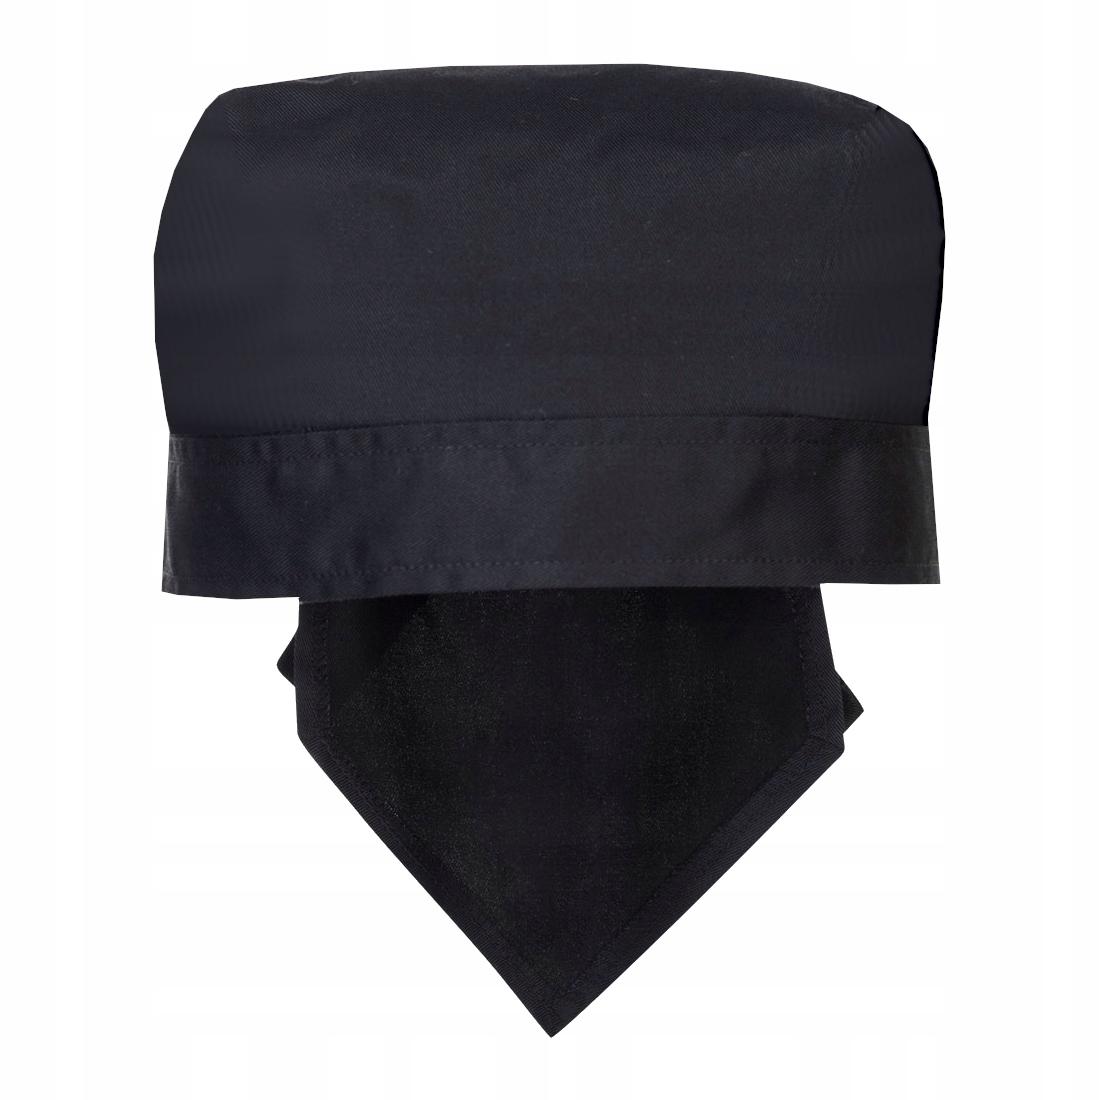 Черная именная бандана от шеф-повара